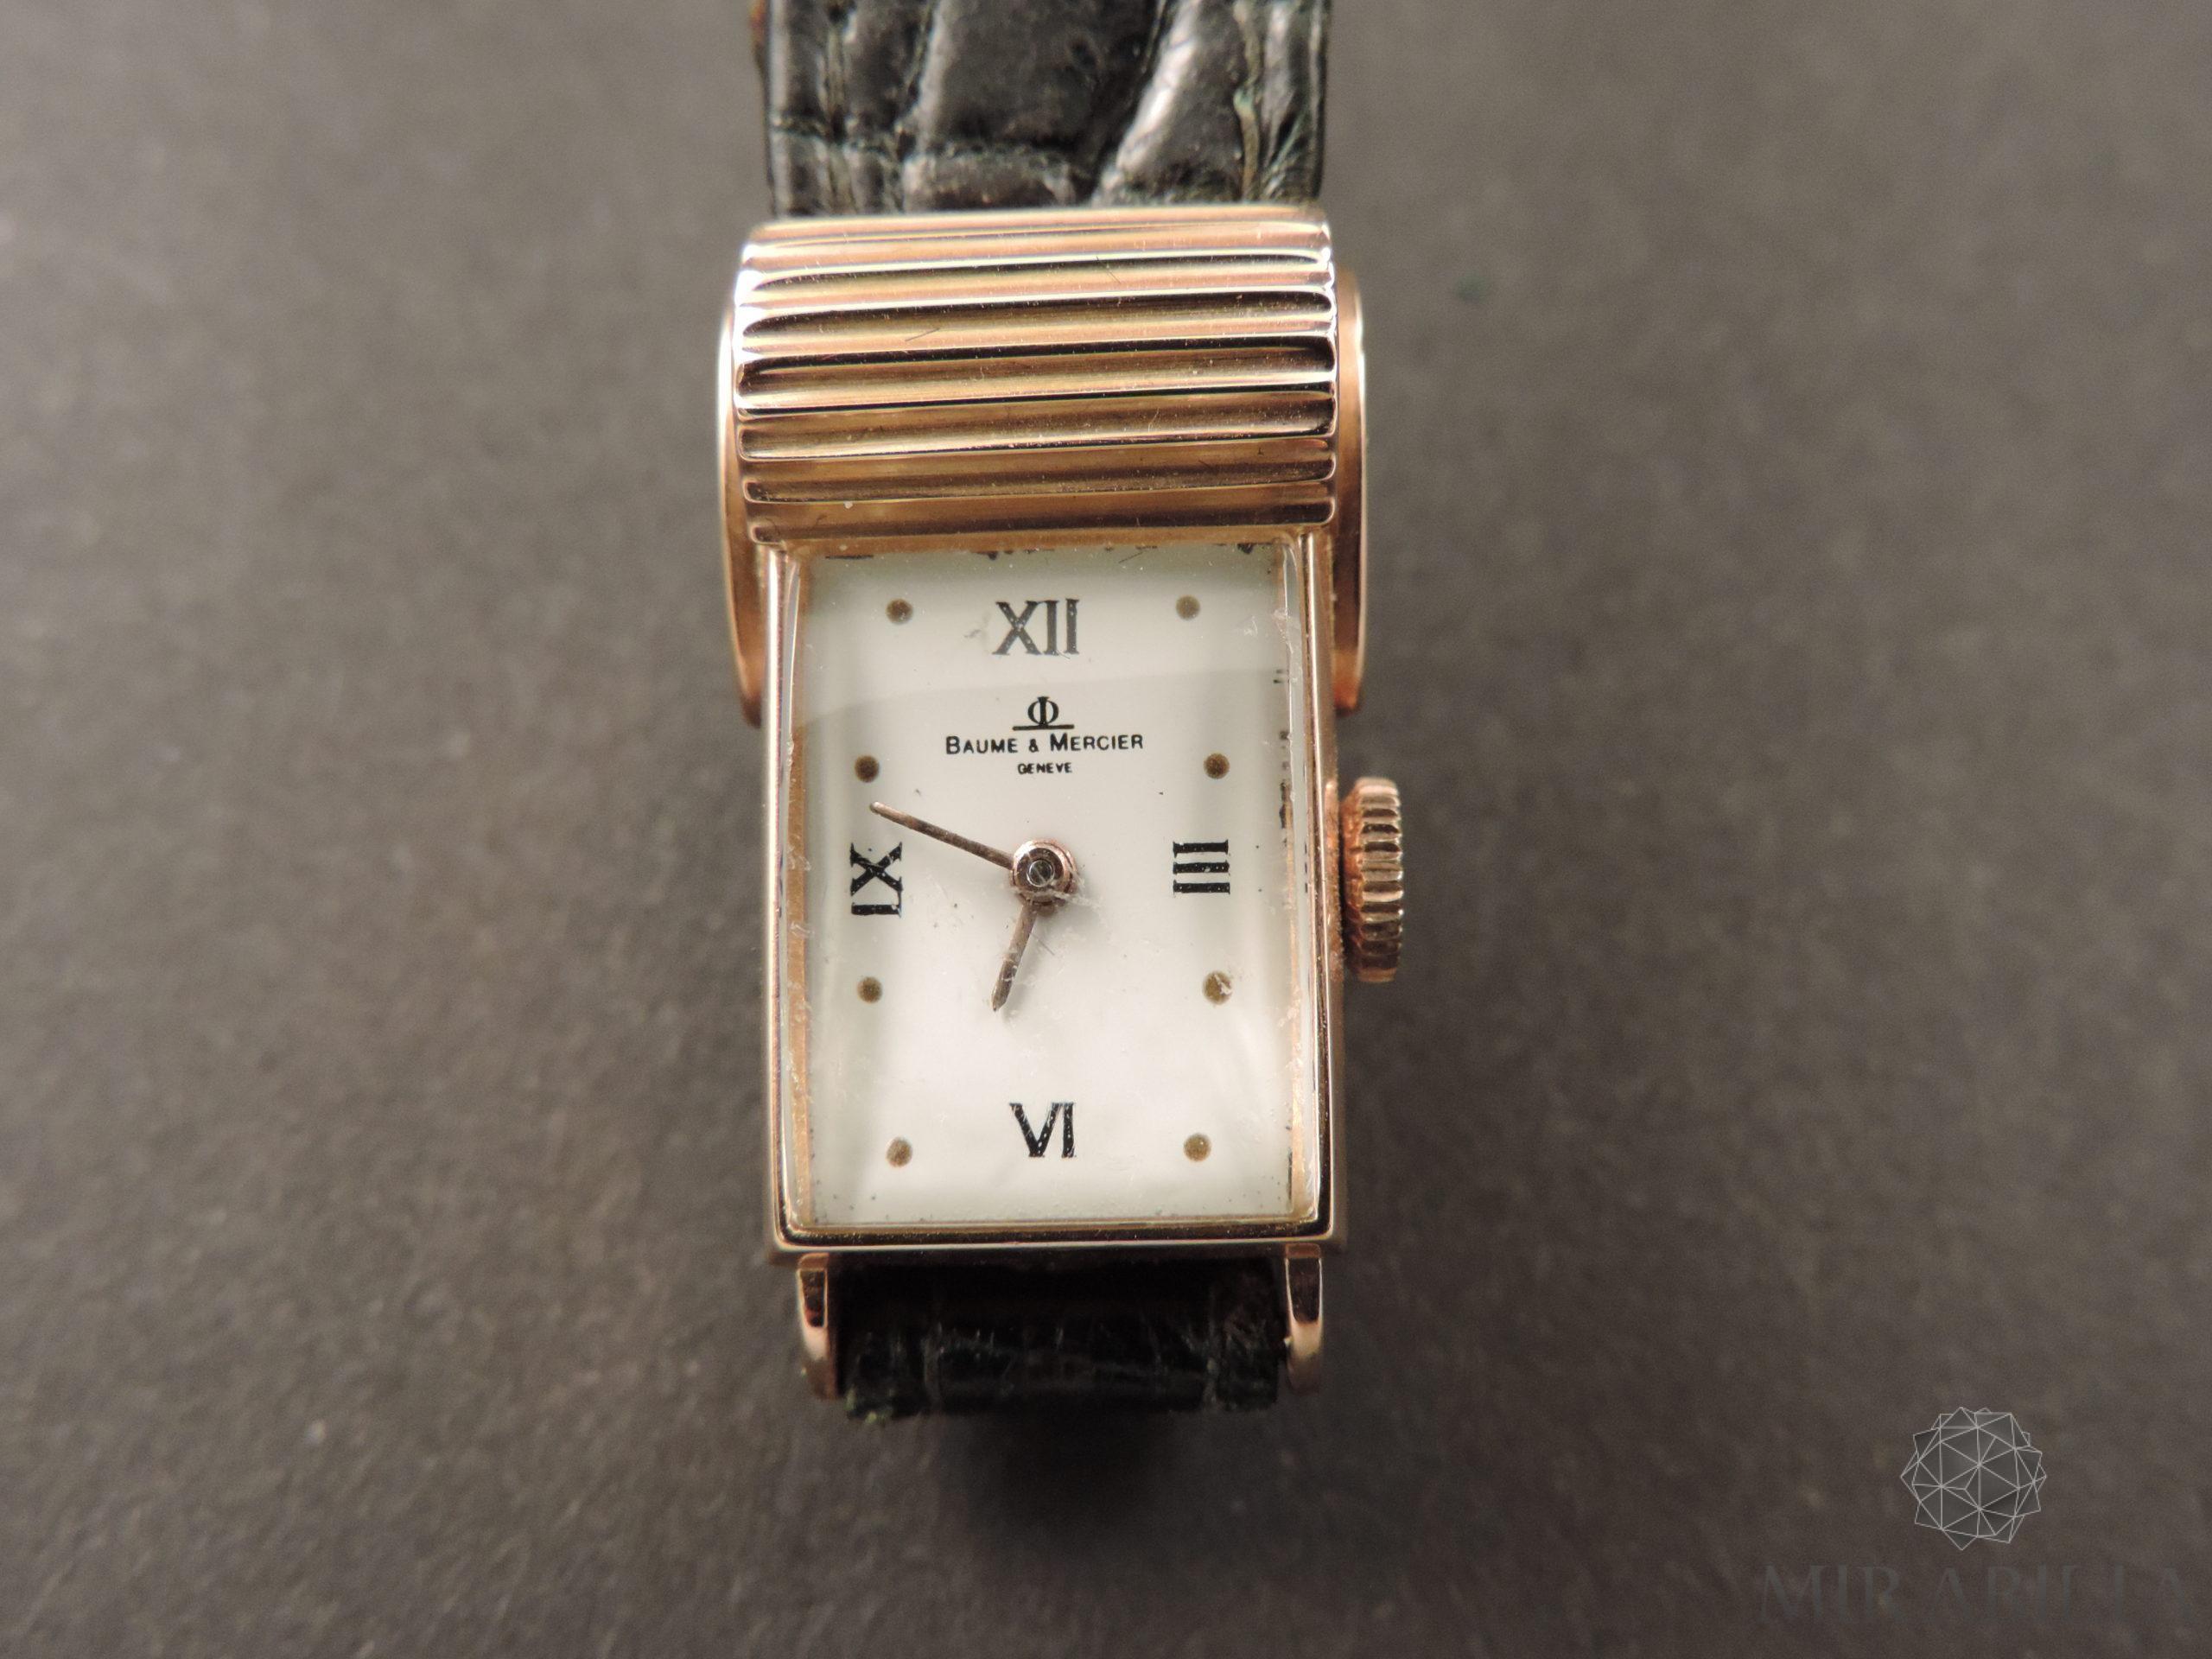 Orologio Baume & Mercier oro Art Déco (dettaglio fronte quadrante in smalto bianco)